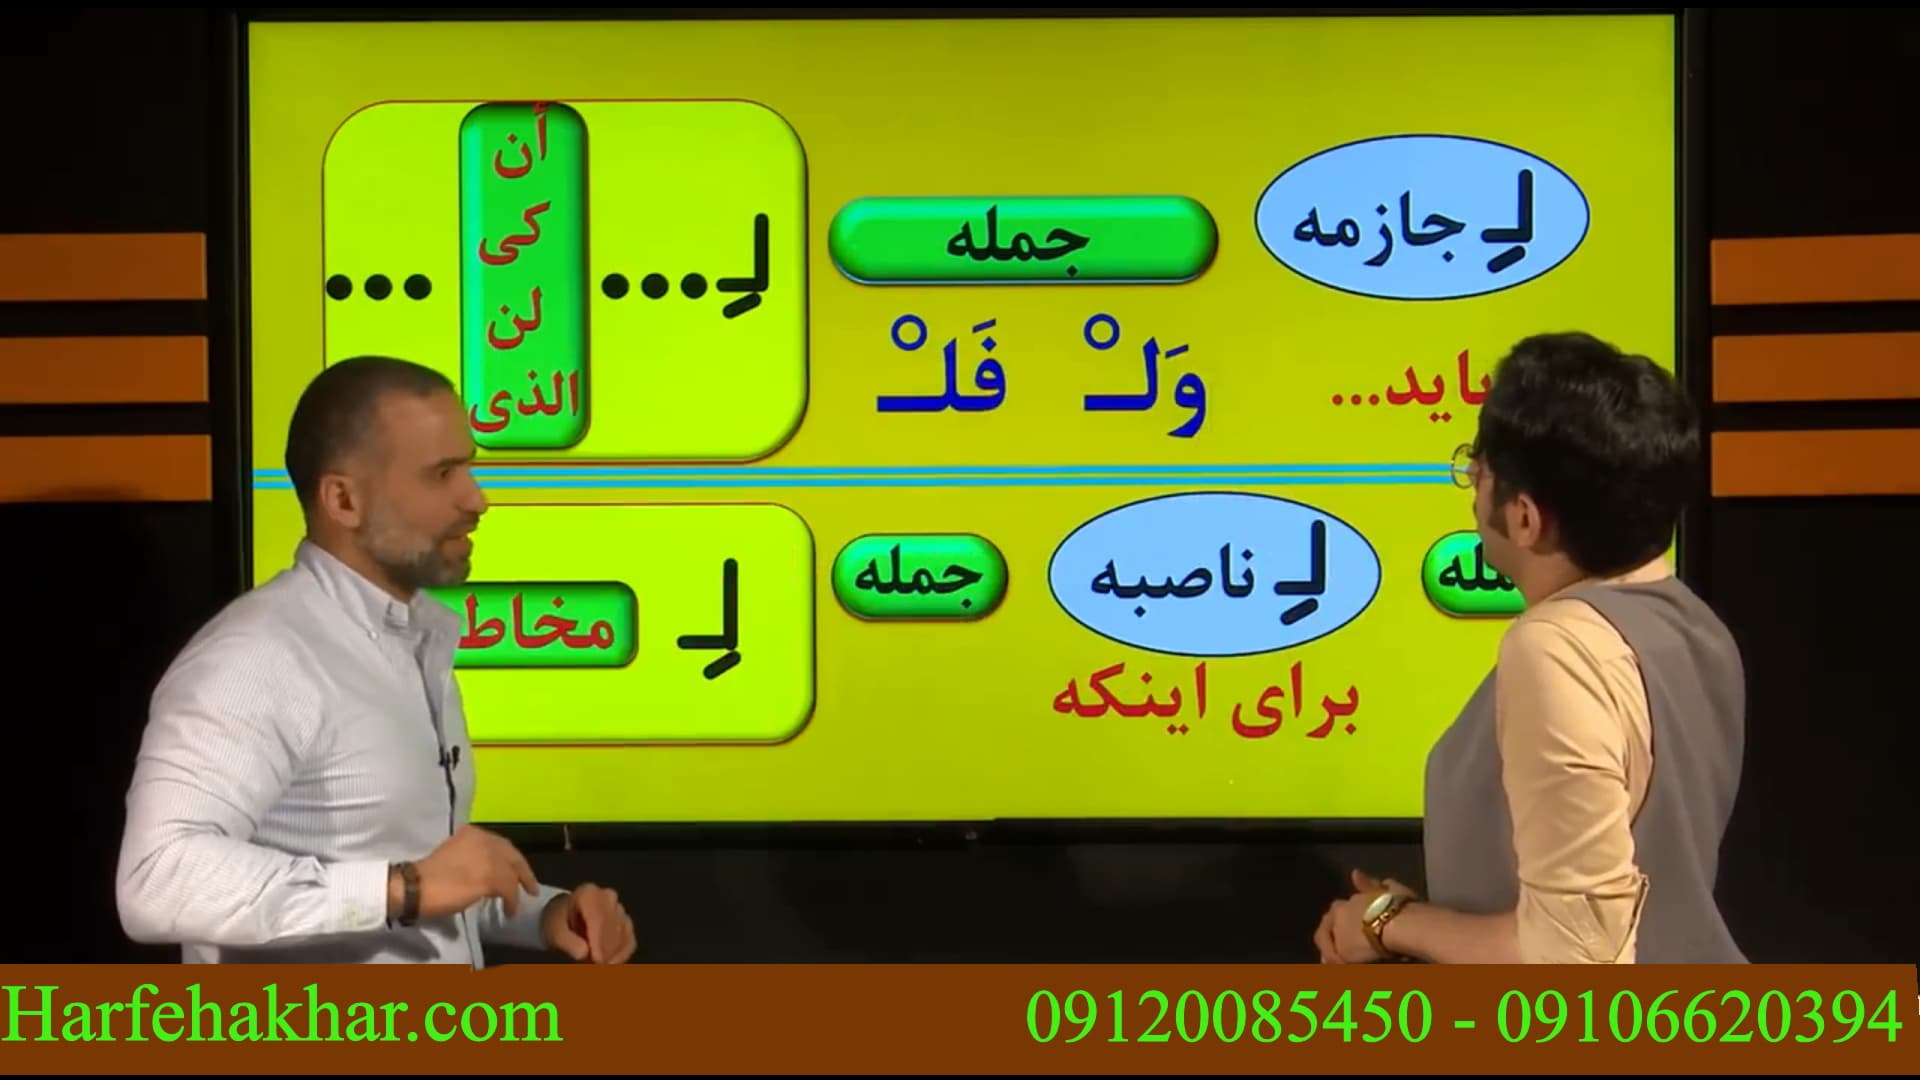 روش مطالعه قواعد عربی